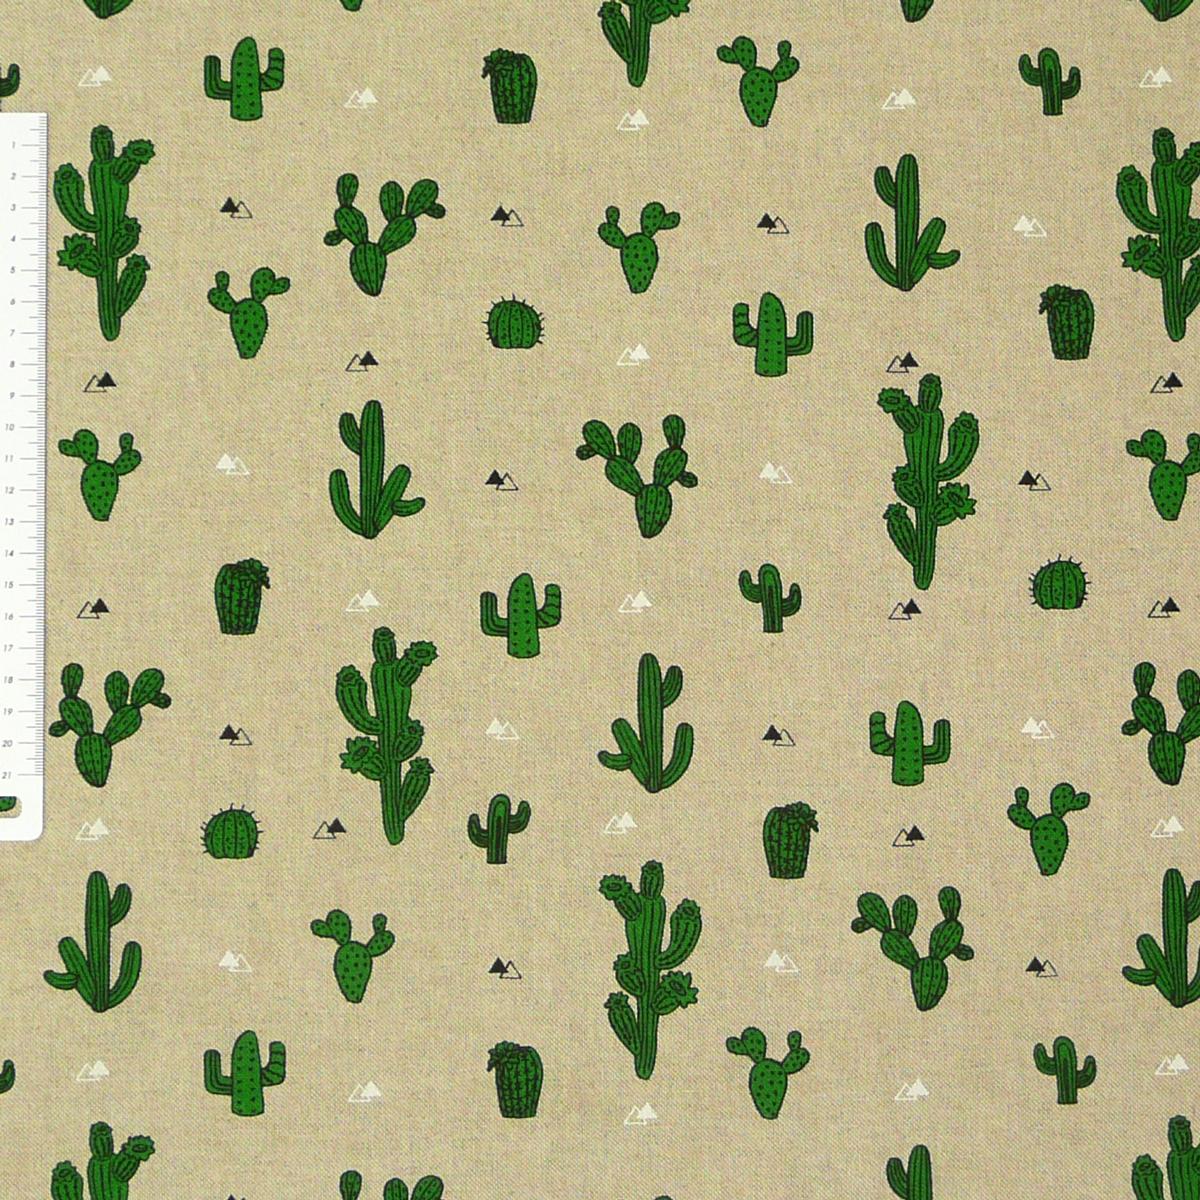 Dekostoff Halbpanama Leinenlook natur Kakteen Kaktus 1,40m Breite